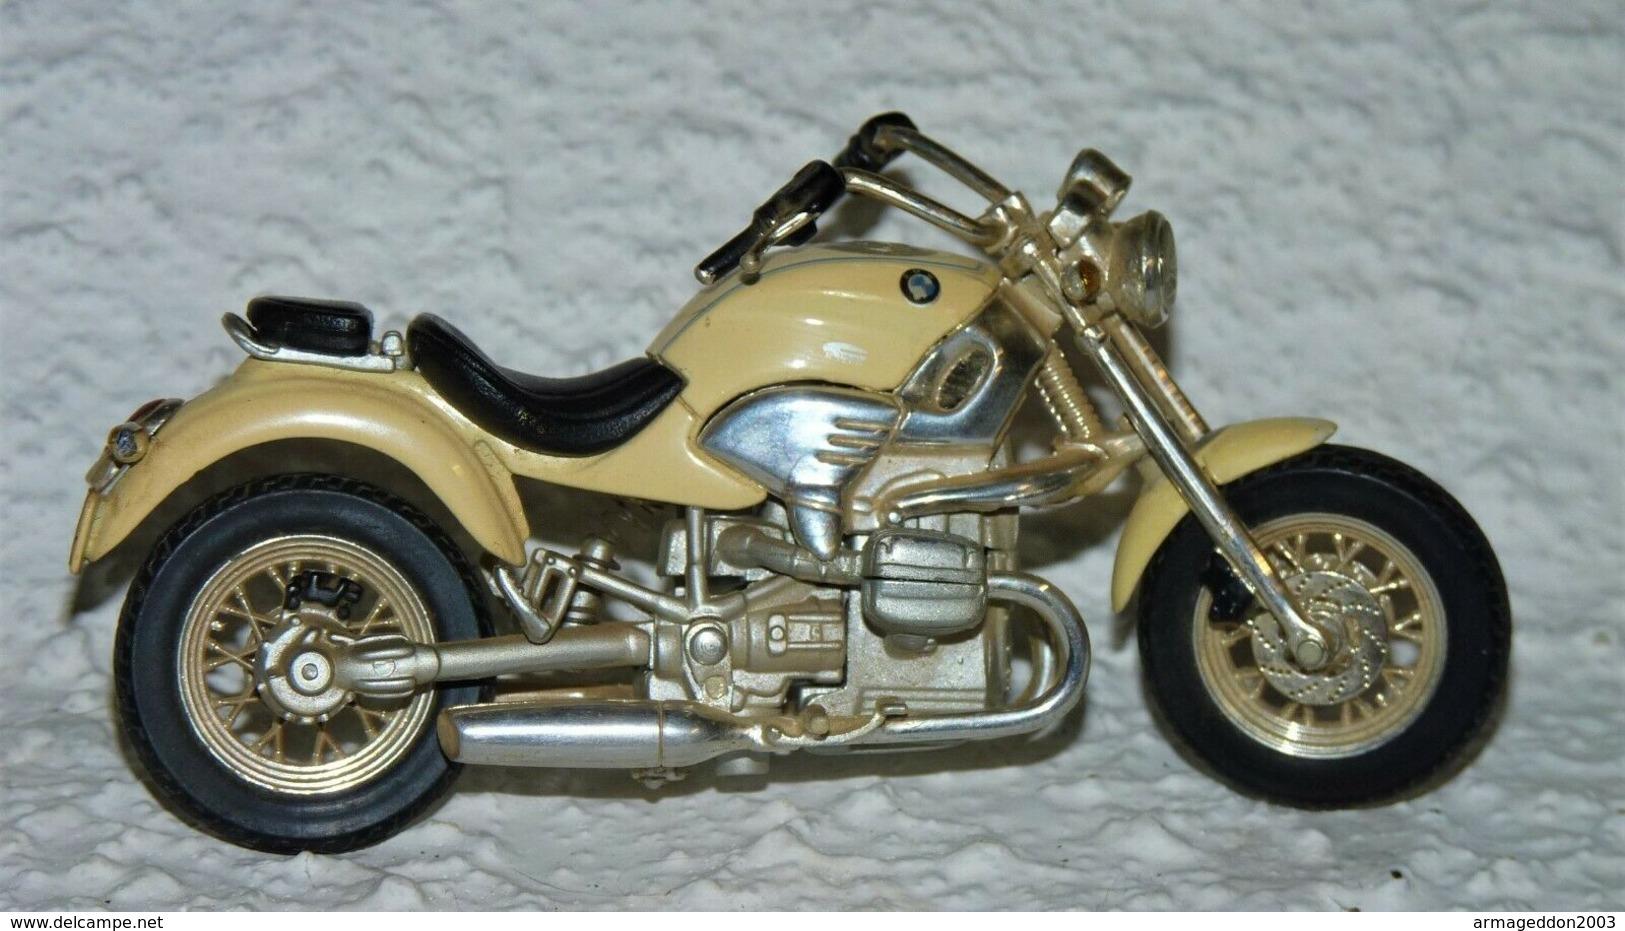 MAISTO MOTO 1/18 BMW R1200 C TBE - Motos